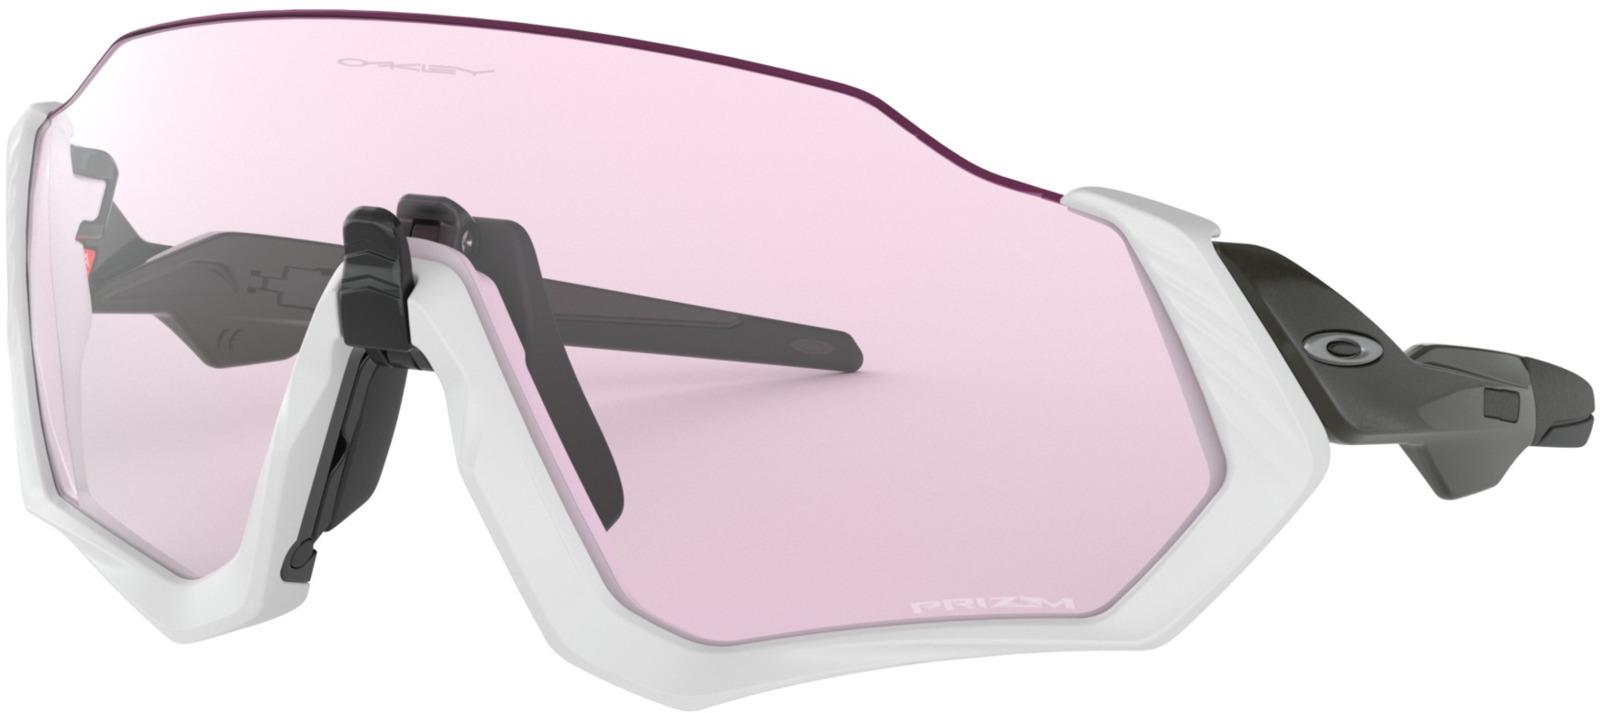 Велосипедные очки Oakley Flight Jacket, цвет: серебристый очки от глеба